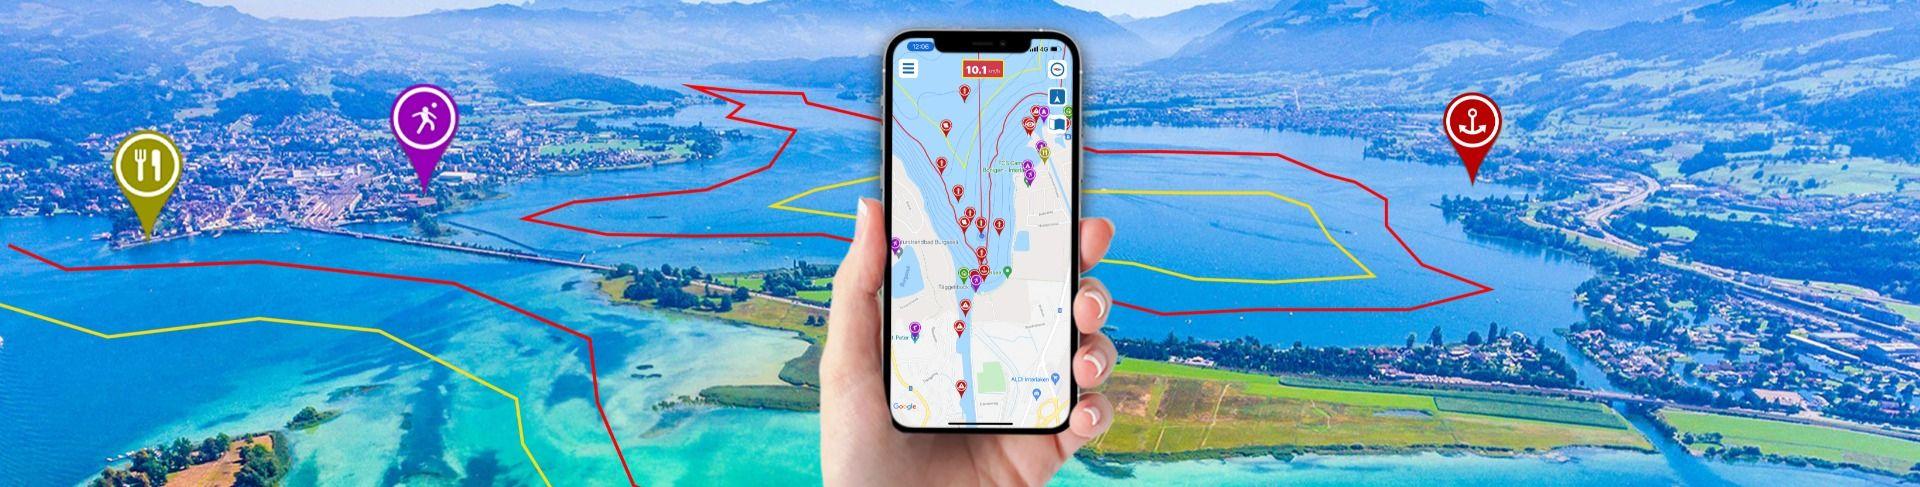 /i/boatdriver-guide-app-laghi-svizzeri-accesso-1-anni-iosandroid